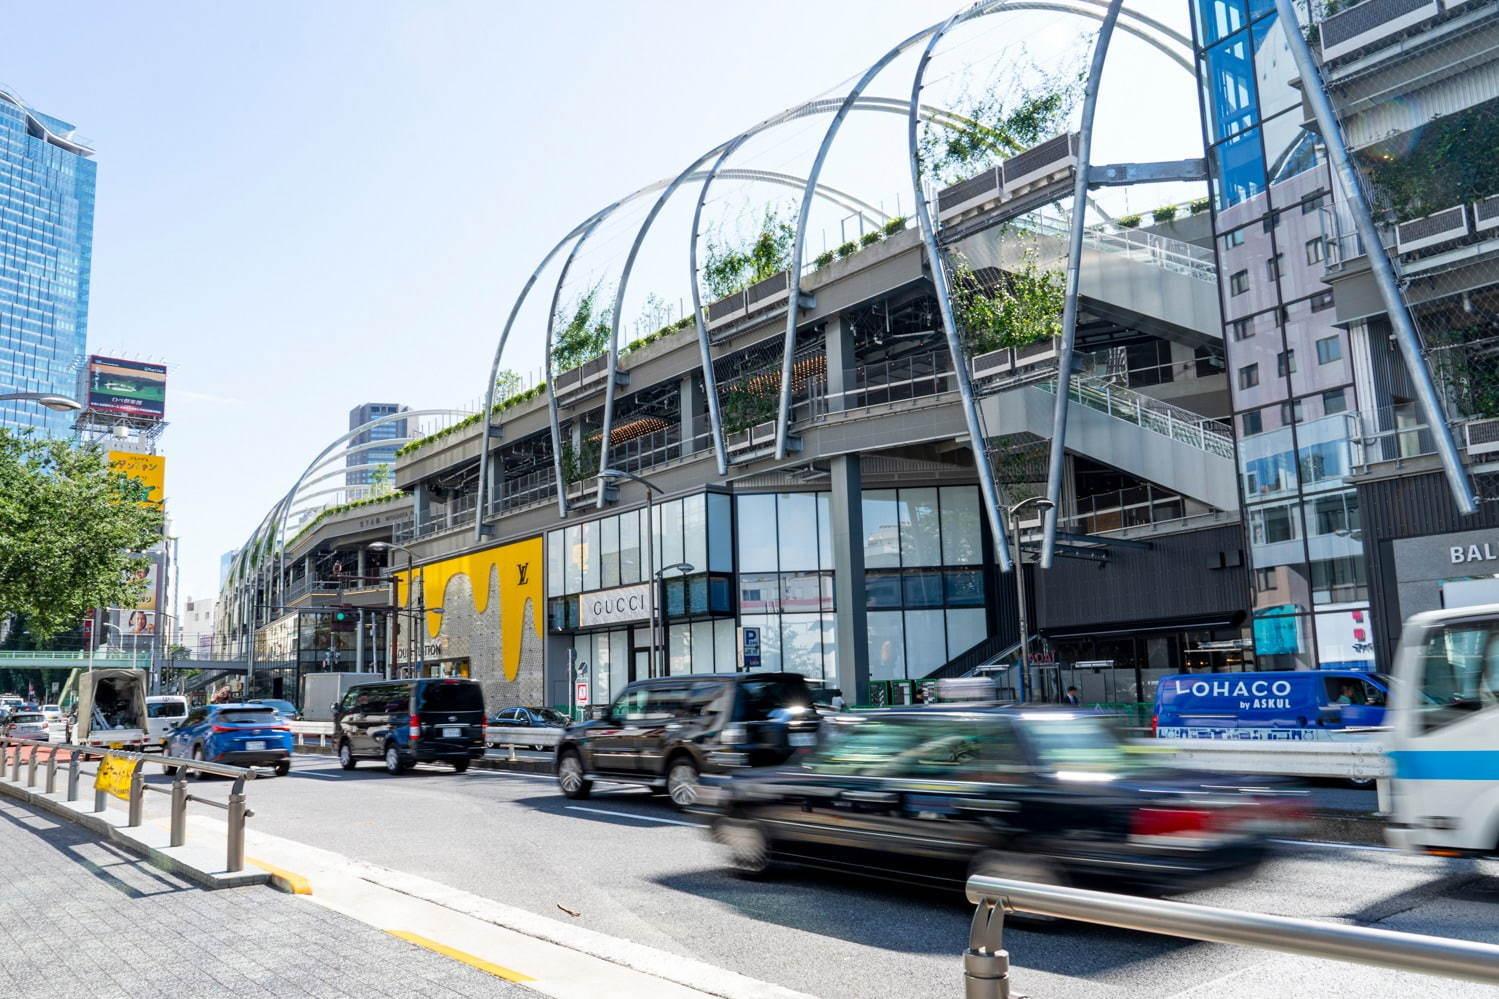 パーク ミヤシタ 【渋谷】MIYASHITA PARK直結のホテル誕生!カフェ&レストランは宿泊者以外もOK「sequence